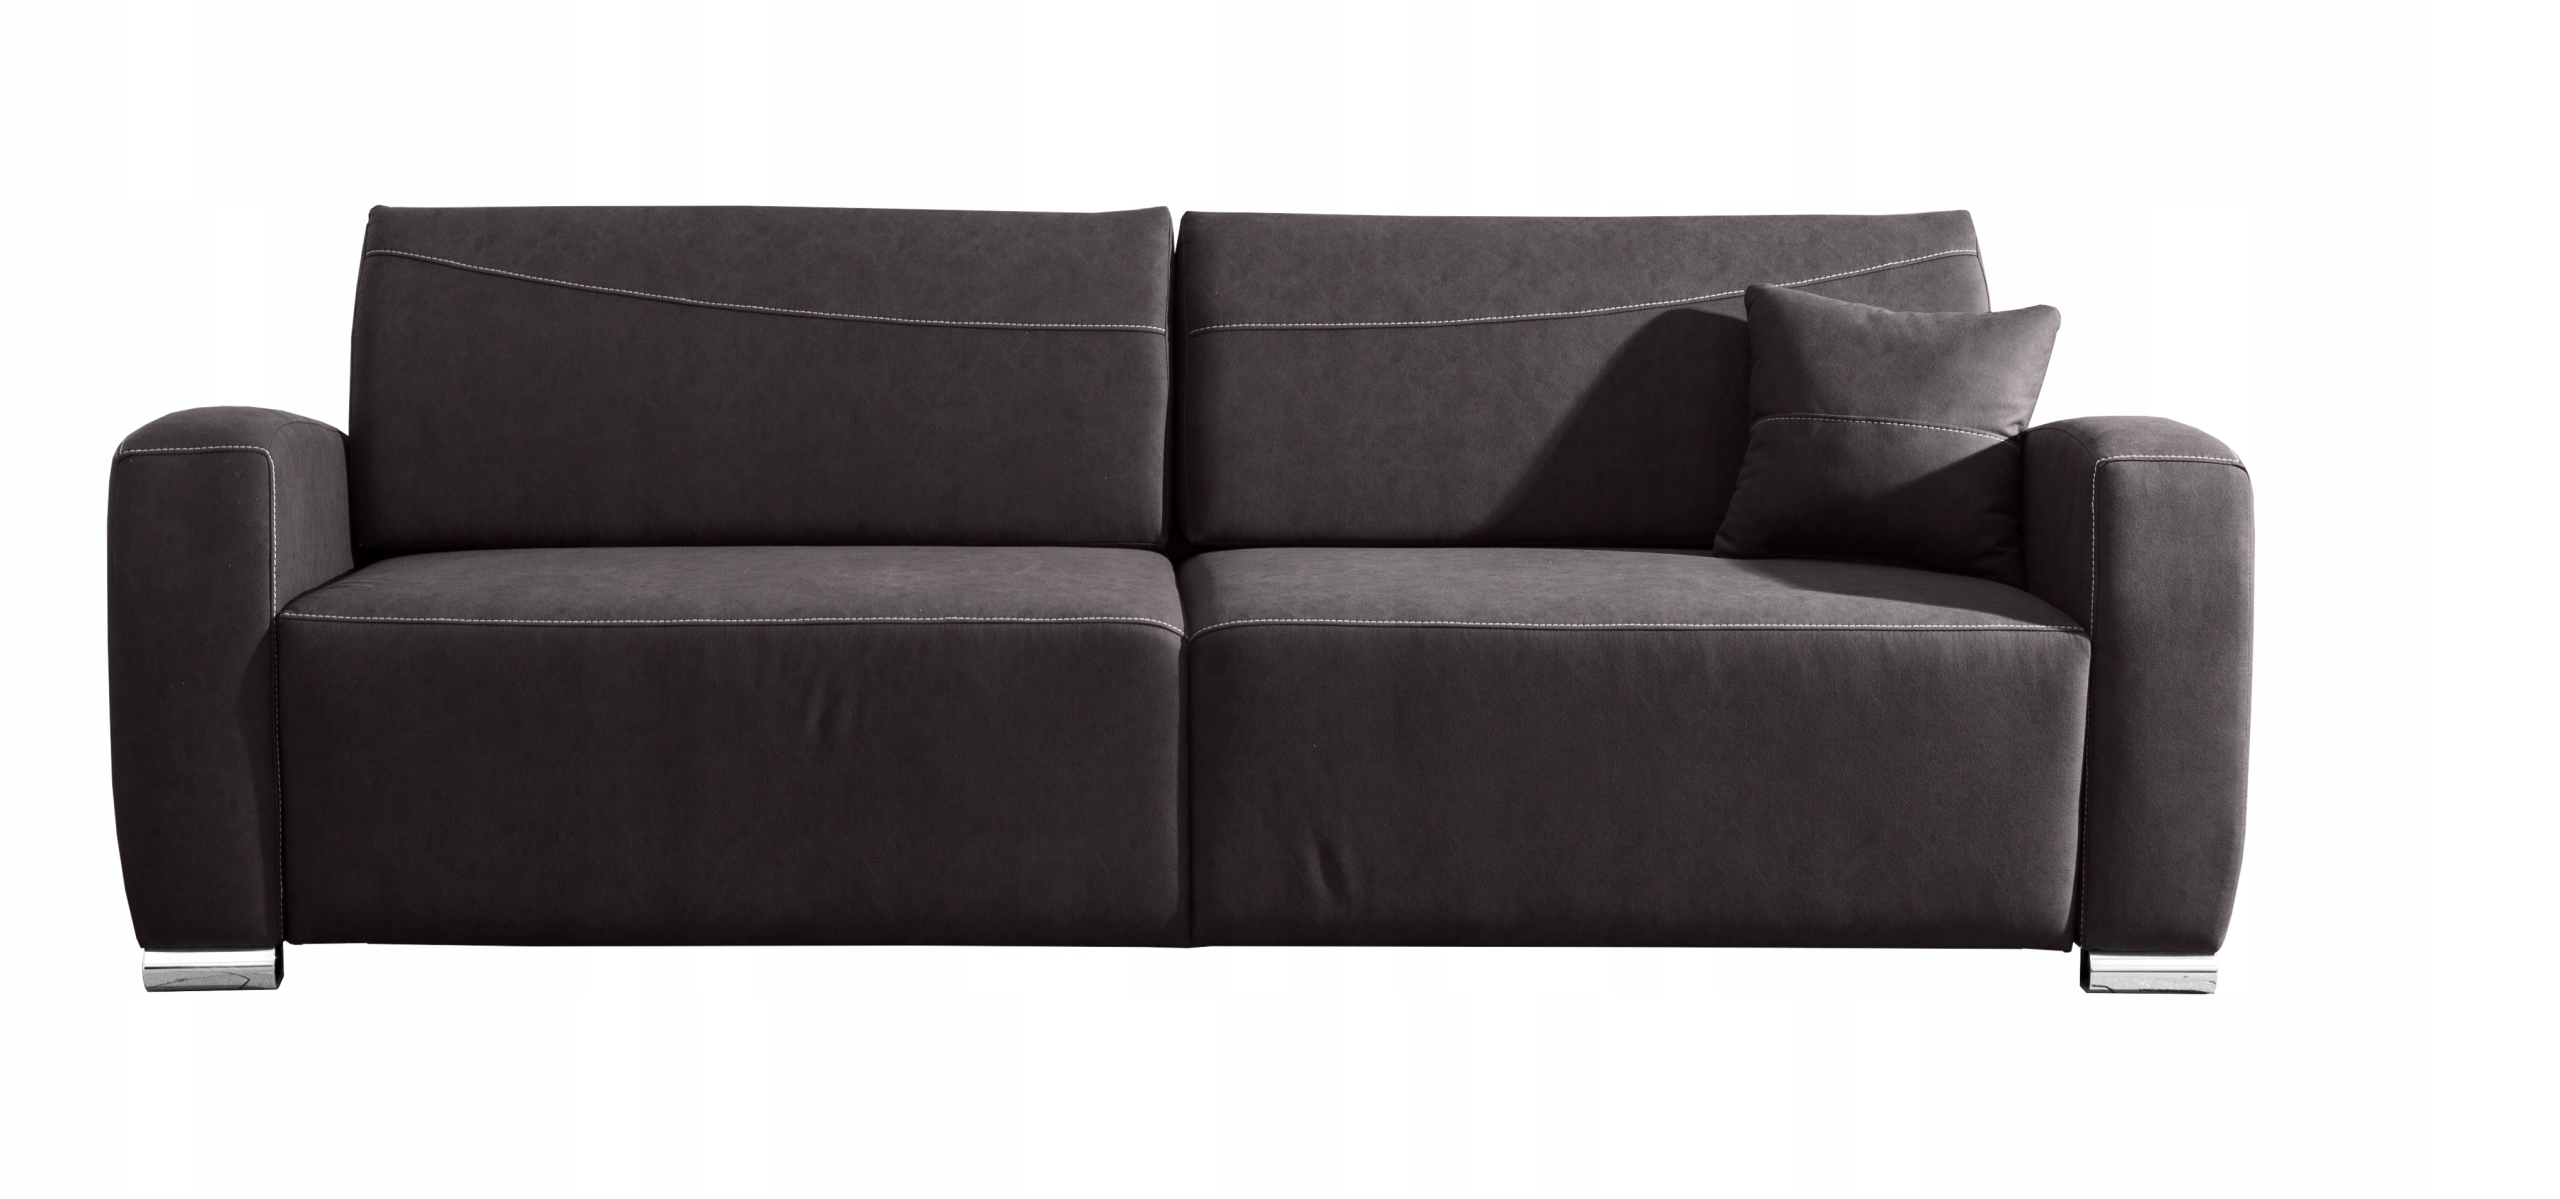 RENO LUX stilvolles Sofa für das Wohnzimmer / f. Schlafen / Farben Größe drei